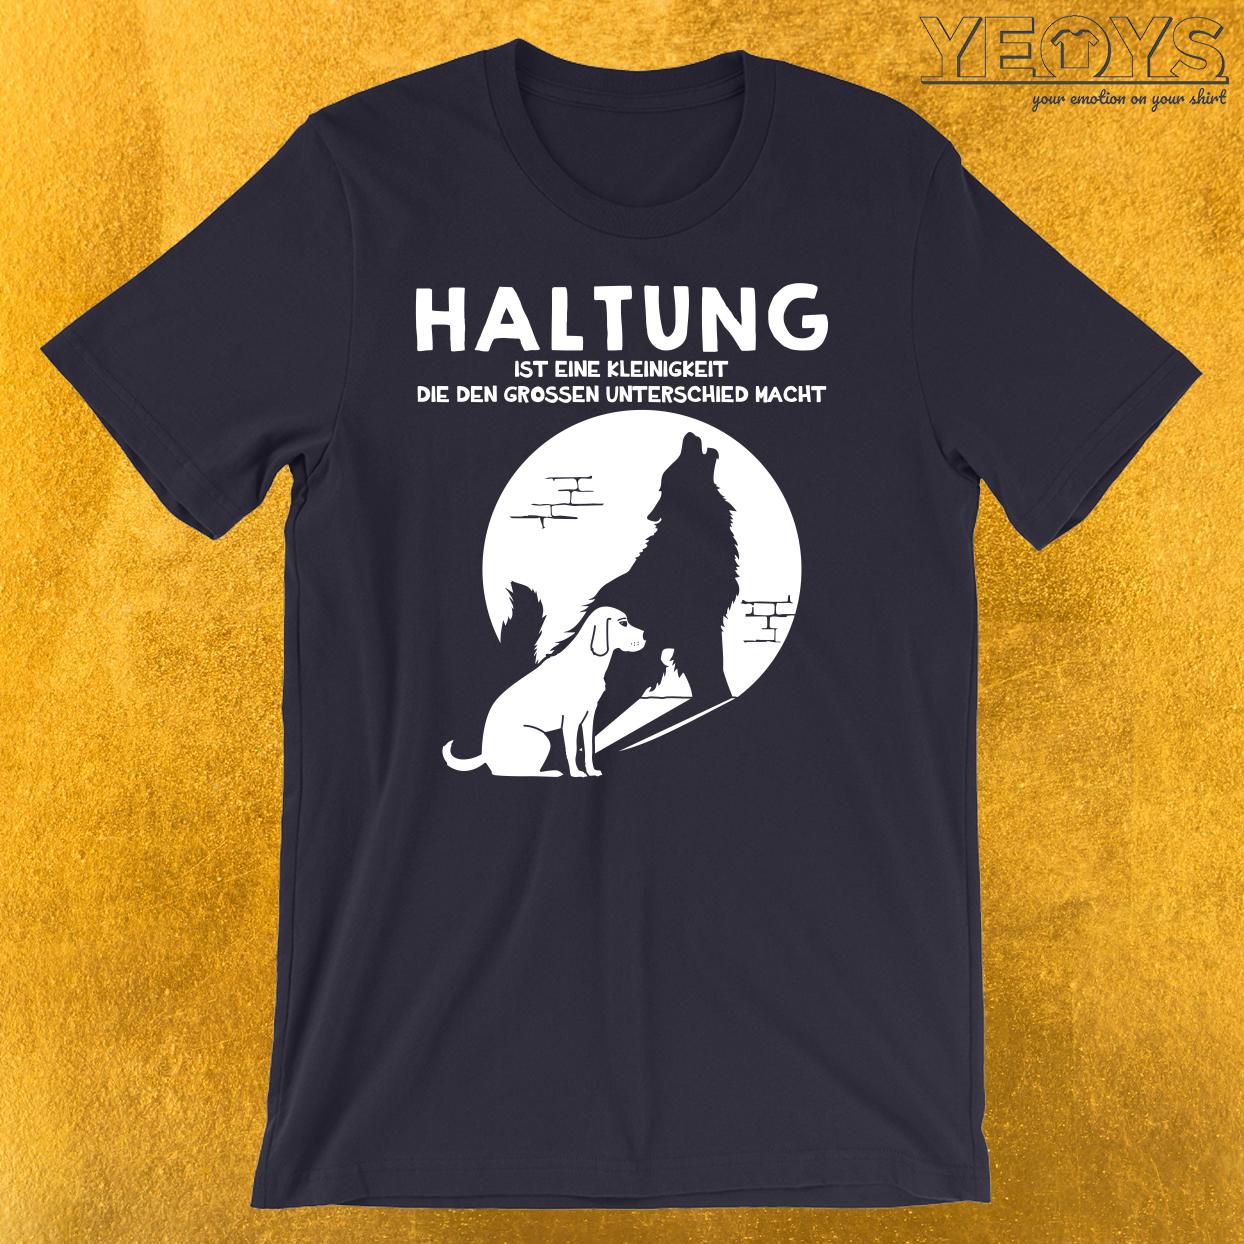 Hund & Wolf Haltung macht Unterschied T-Shirt